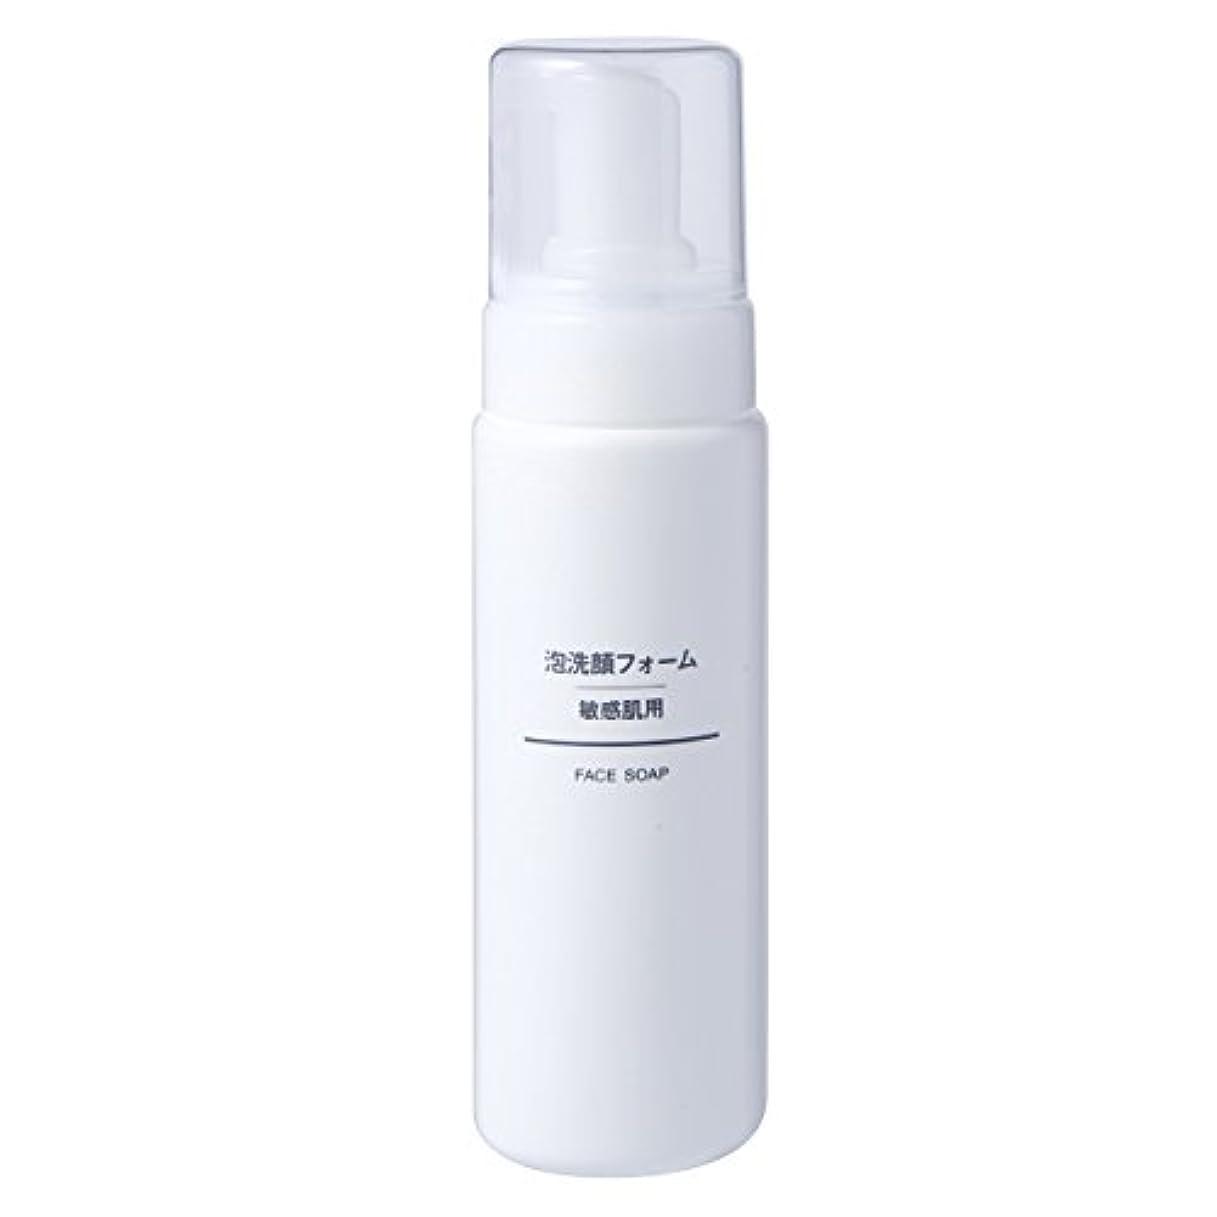 対話一次とは異なり無印良品 泡洗顔フォーム 敏感肌用 200ml